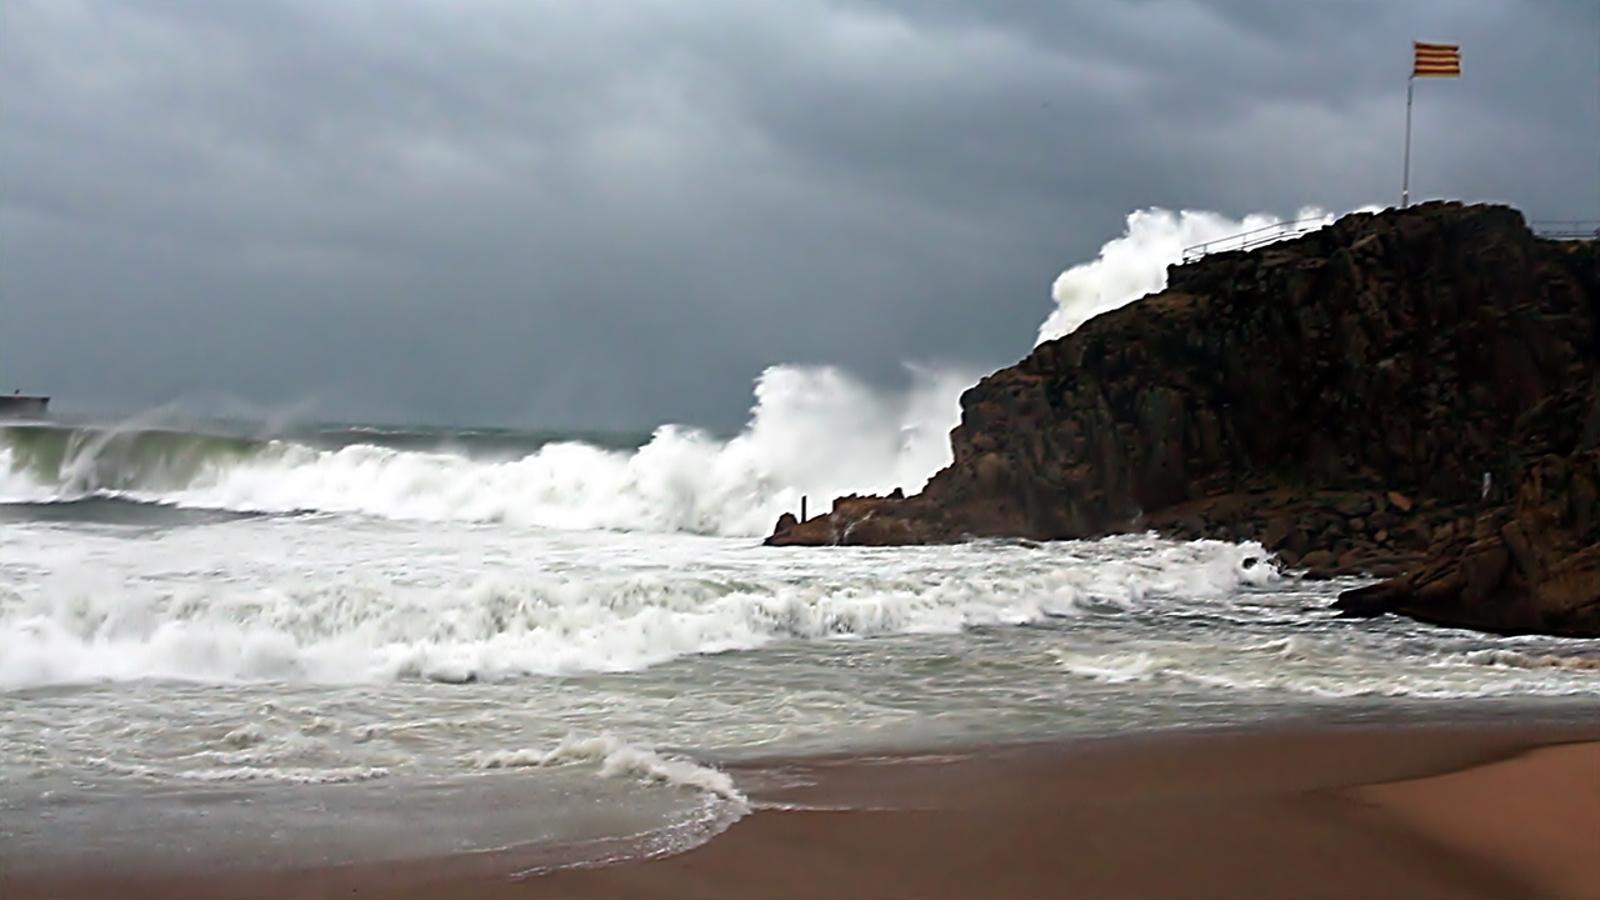 Les imatges del dur temporal marítim d'aquest cap de setmana